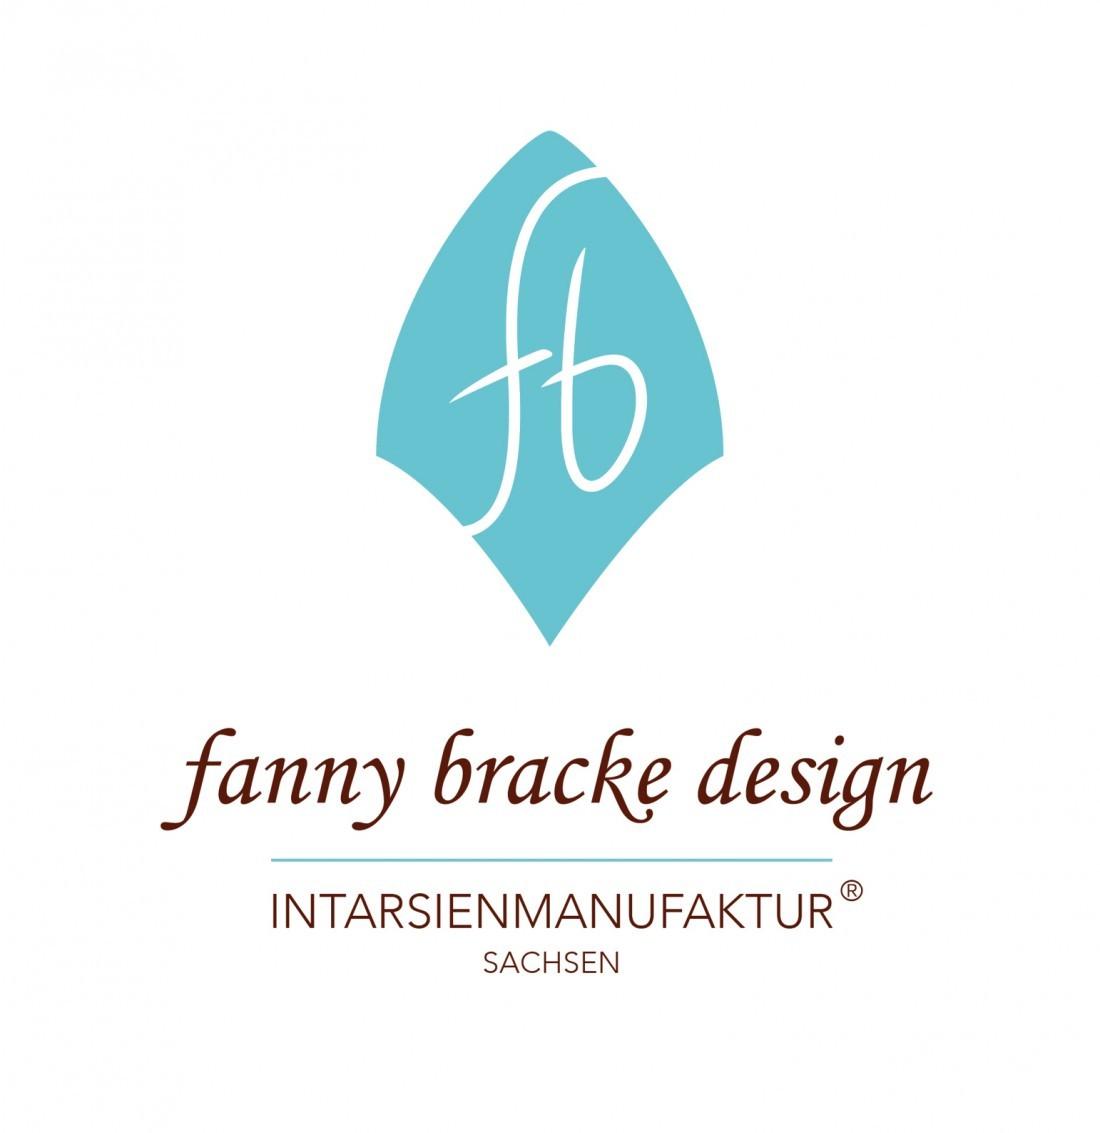 Die Manufaktur - fanny bracke design - Intarsienmanufaktur Sachsen